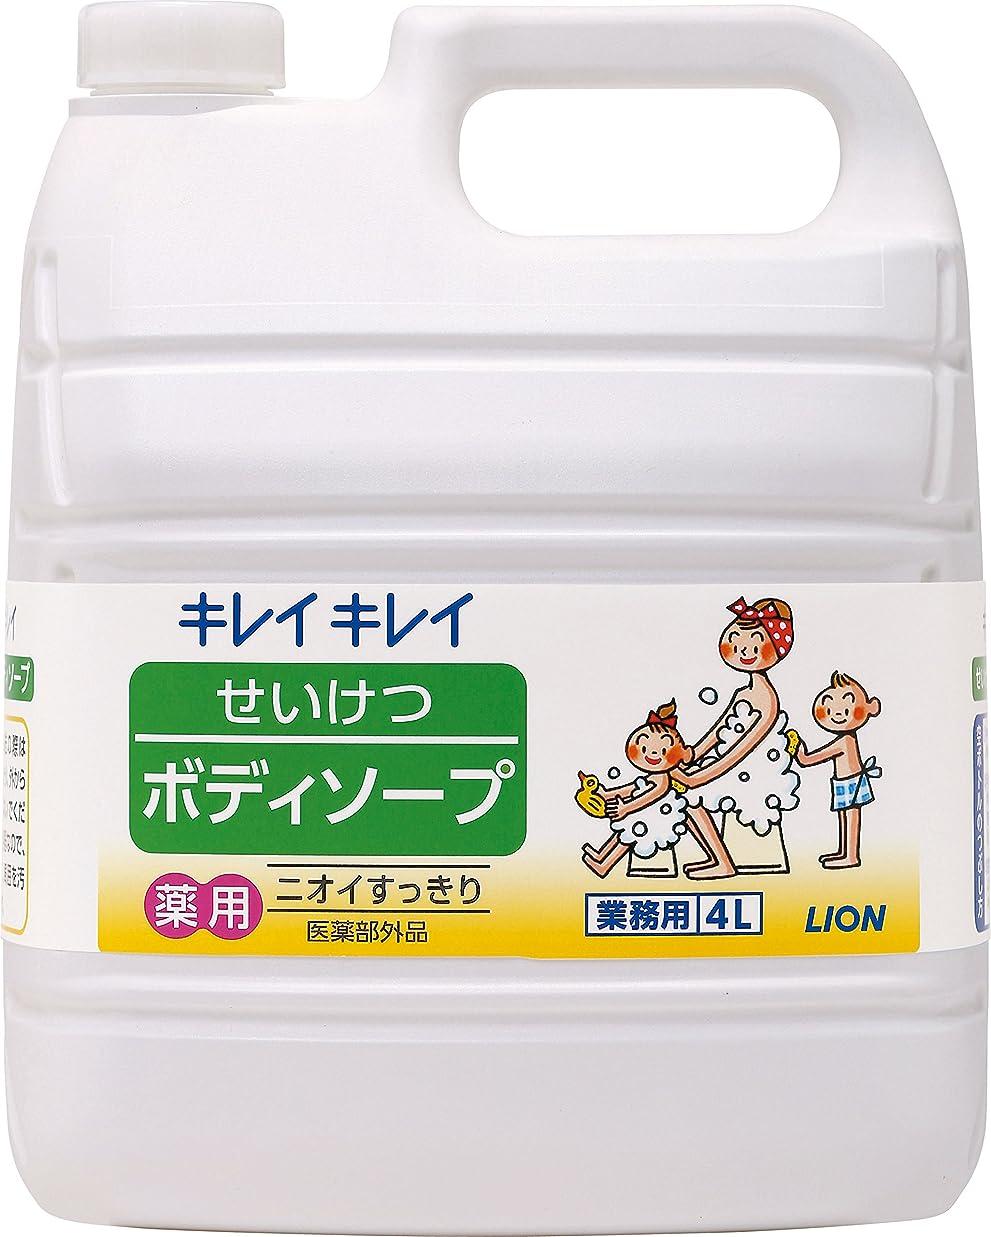 火傷不安定ペルセウス【業務用 大容量】キレイキレイ せいけつボディソープ さわやかなレモン&オレンジの香り 4L(医薬部外品)